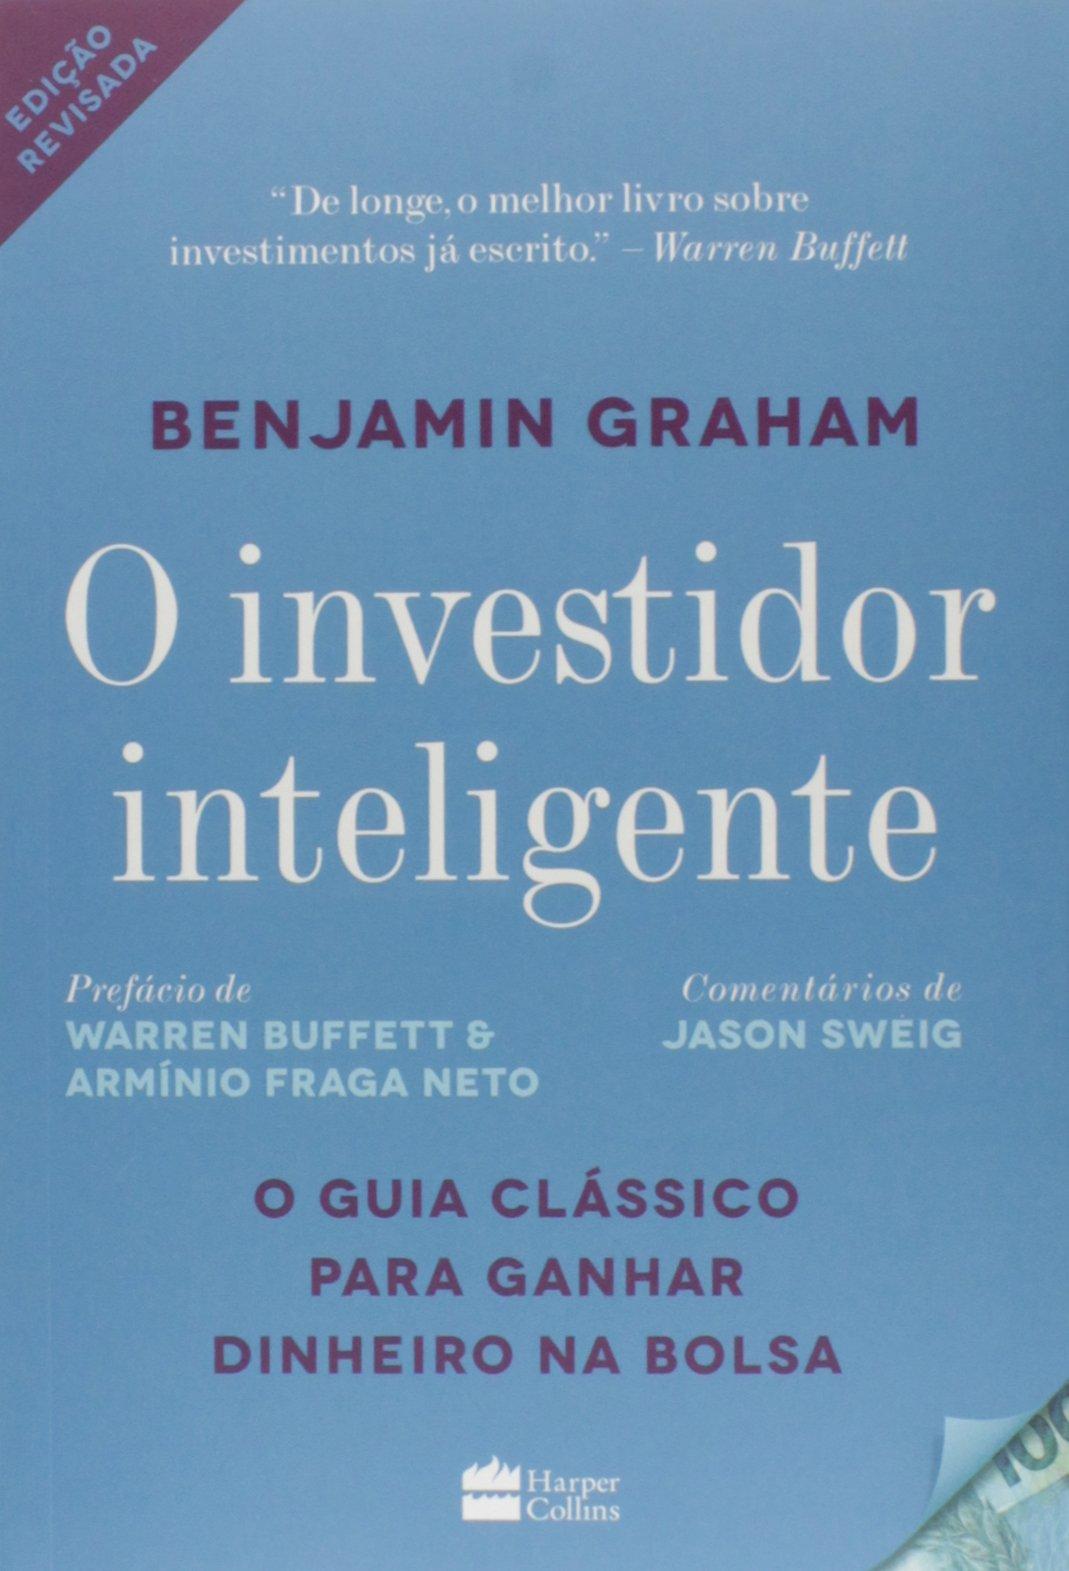 O investidor inteligente é um dos principais livros para quem quer começar a investir